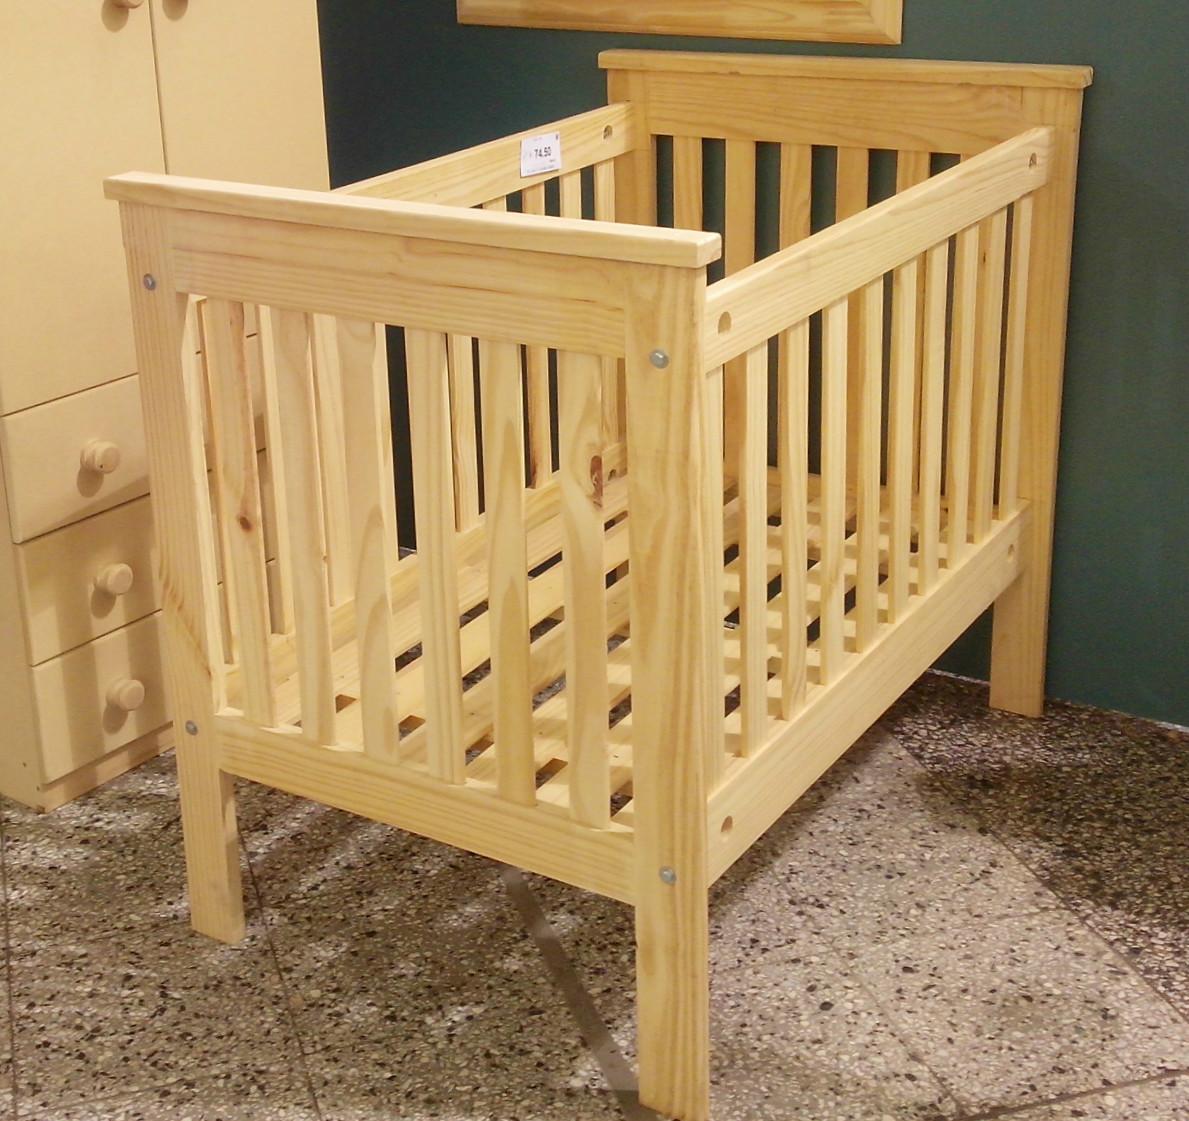 Muebles para bebes en salta capital - Muebles para bebes ...